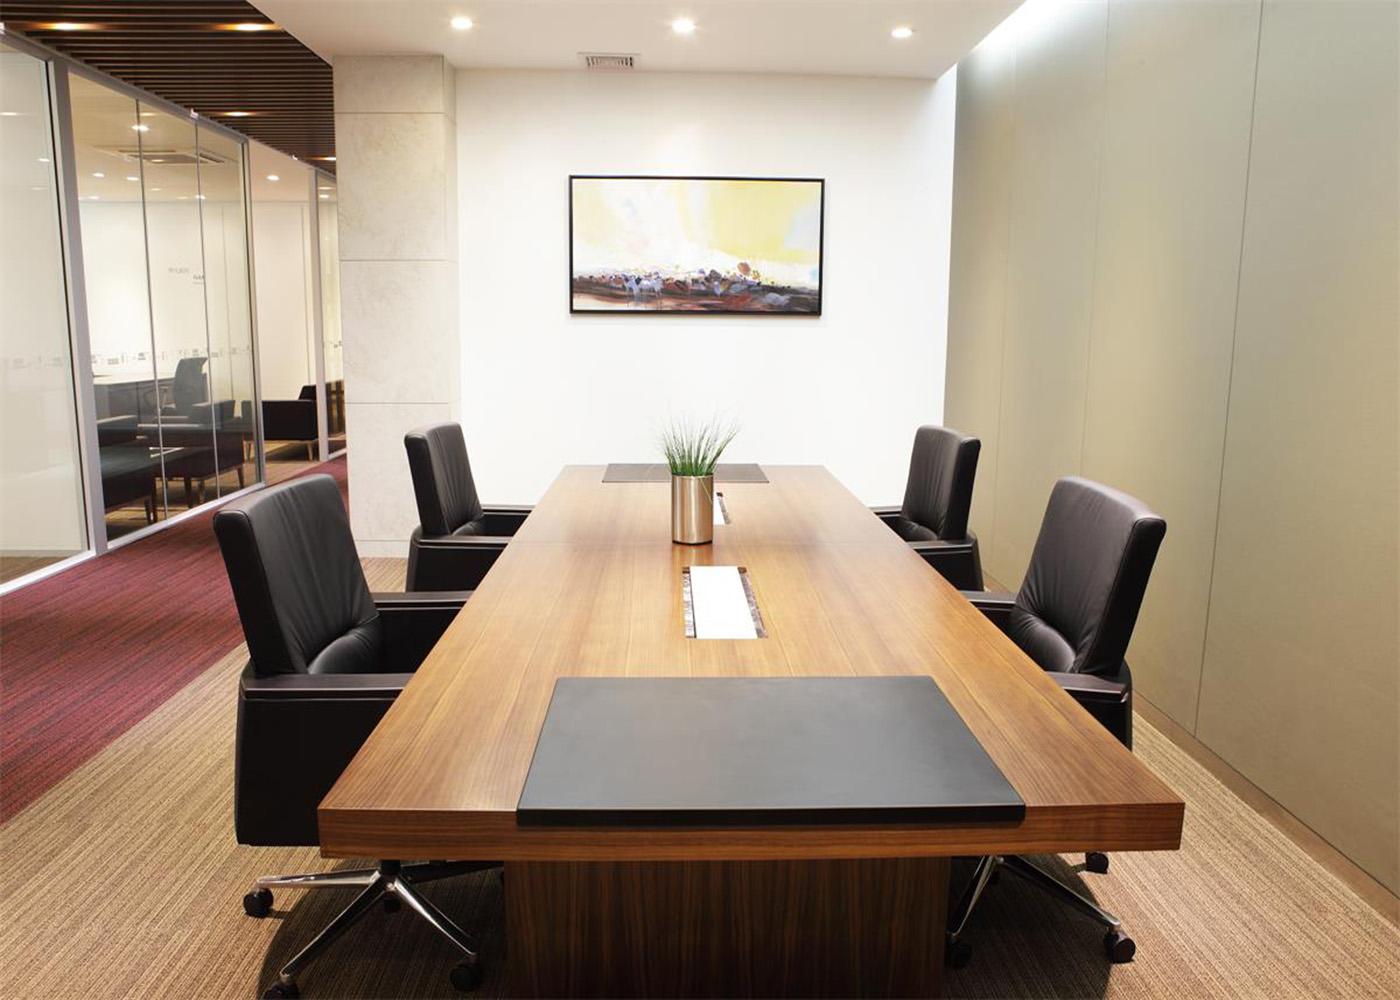 雷蒂斯会议桌A18,上海会议桌,【尺寸 价格 图片 品牌】